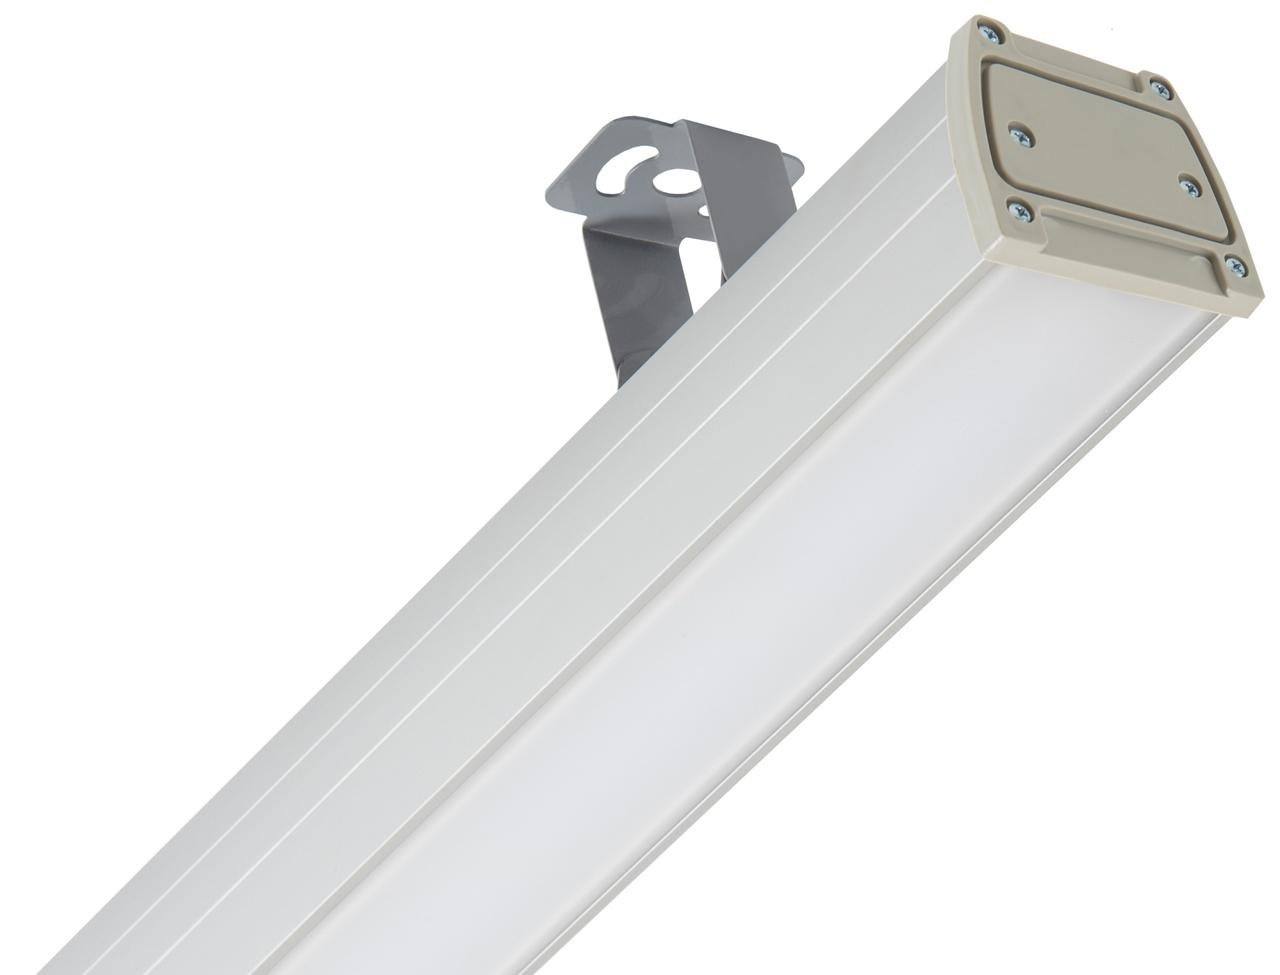 Светильник CSVT LIRA Opal 76Вт IP54 2420x80x87мм